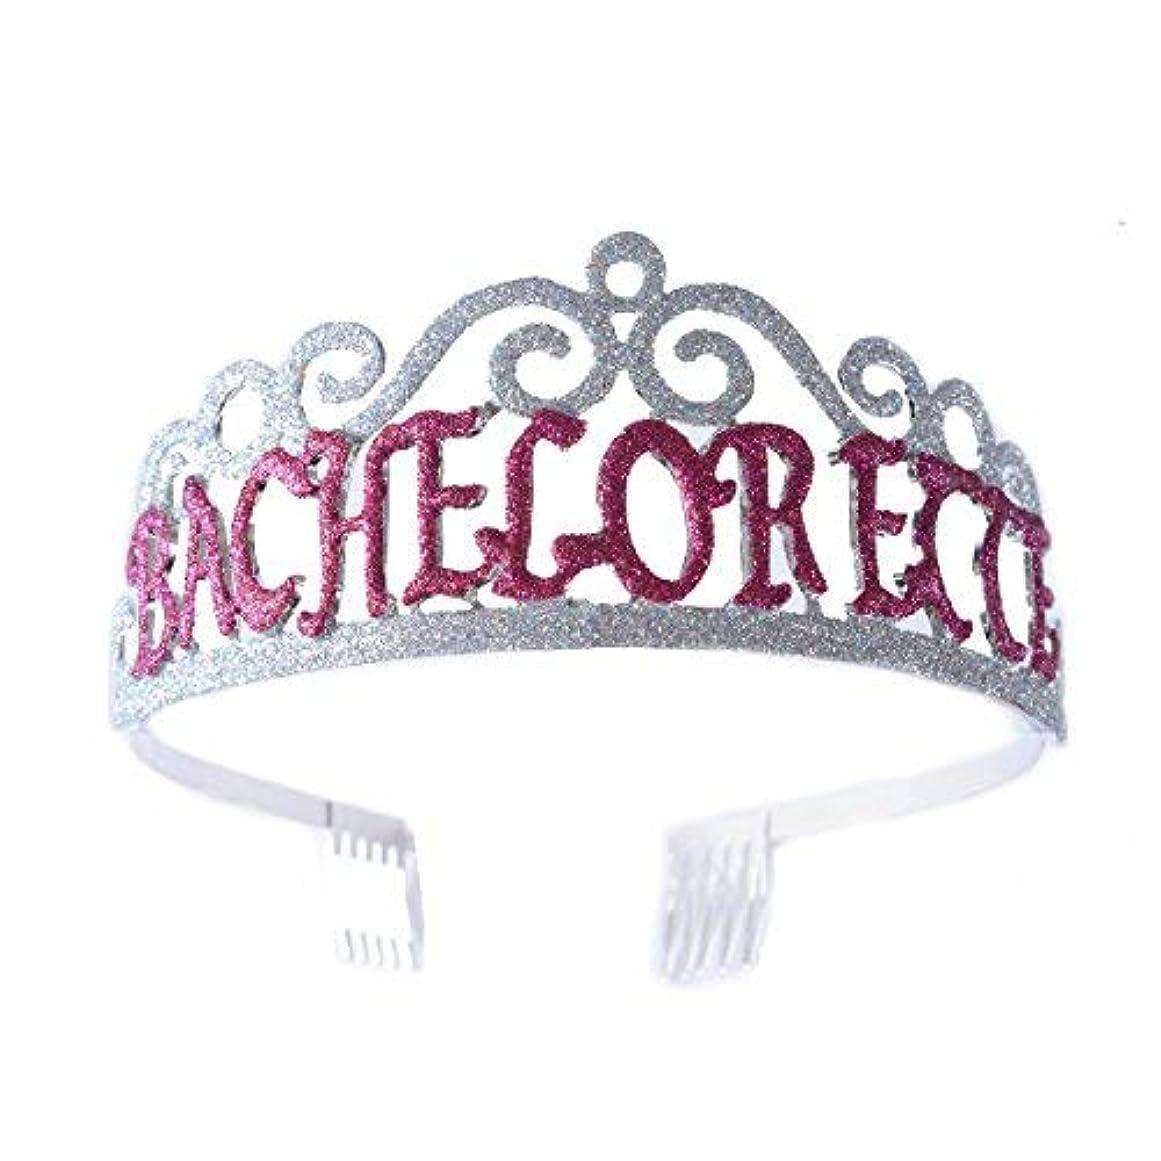 形状獲物制約FF Bachelorette Tiara Glittered Metal Combs with Silver AB Sequins [並行輸入品]